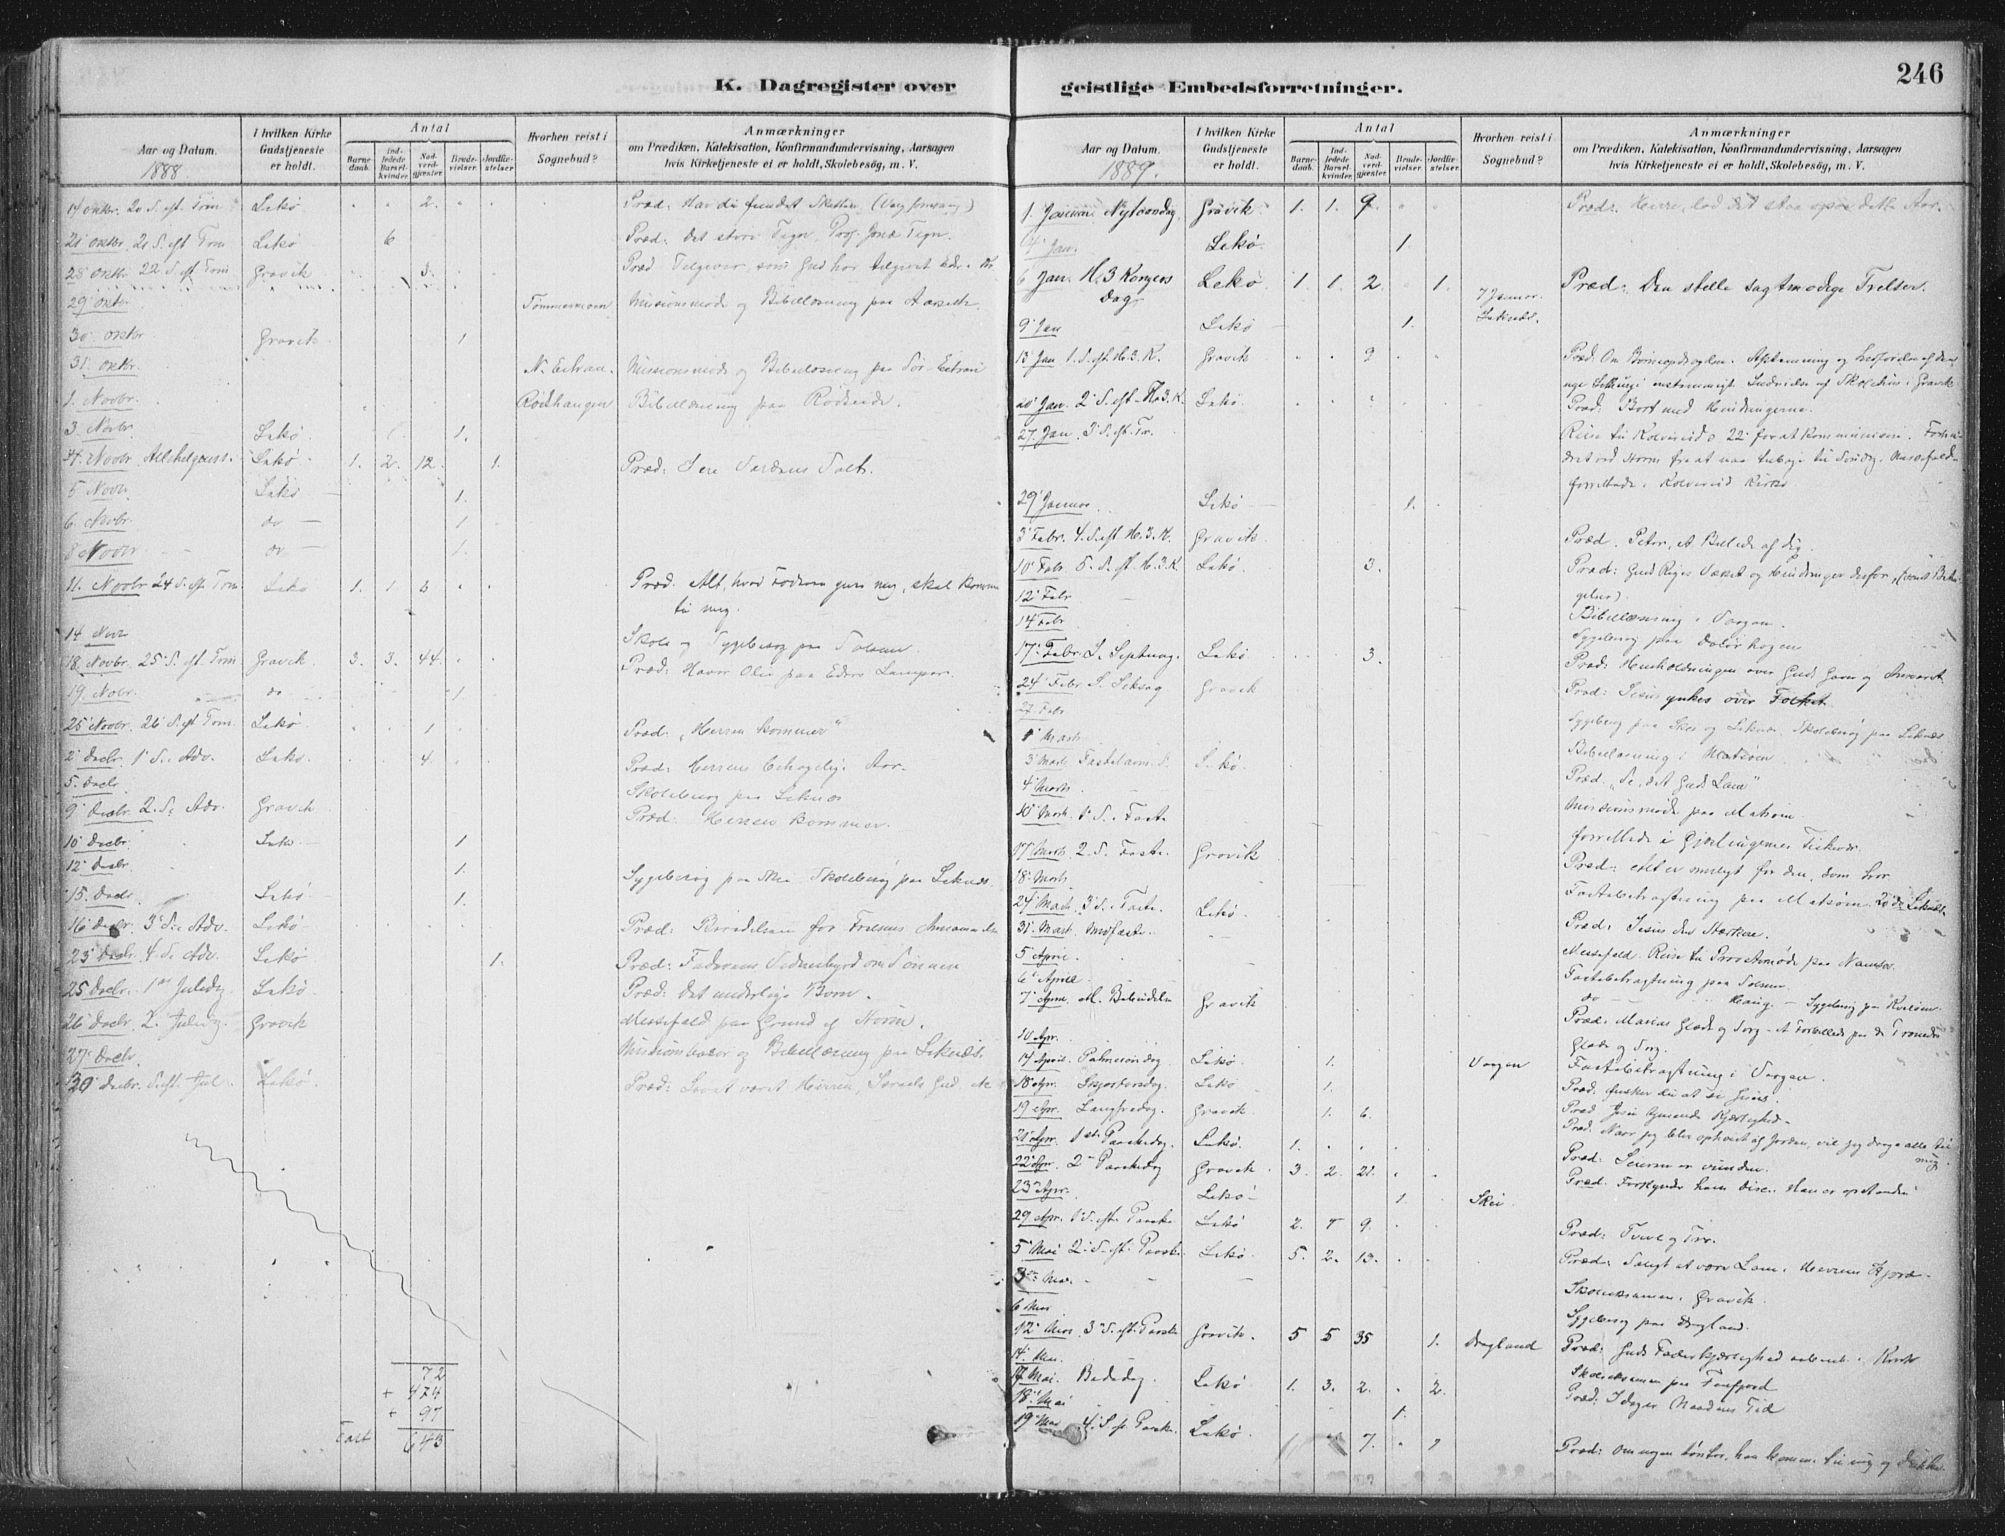 SAT, Ministerialprotokoller, klokkerbøker og fødselsregistre - Nord-Trøndelag, 788/L0697: Ministerialbok nr. 788A04, 1878-1902, s. 246